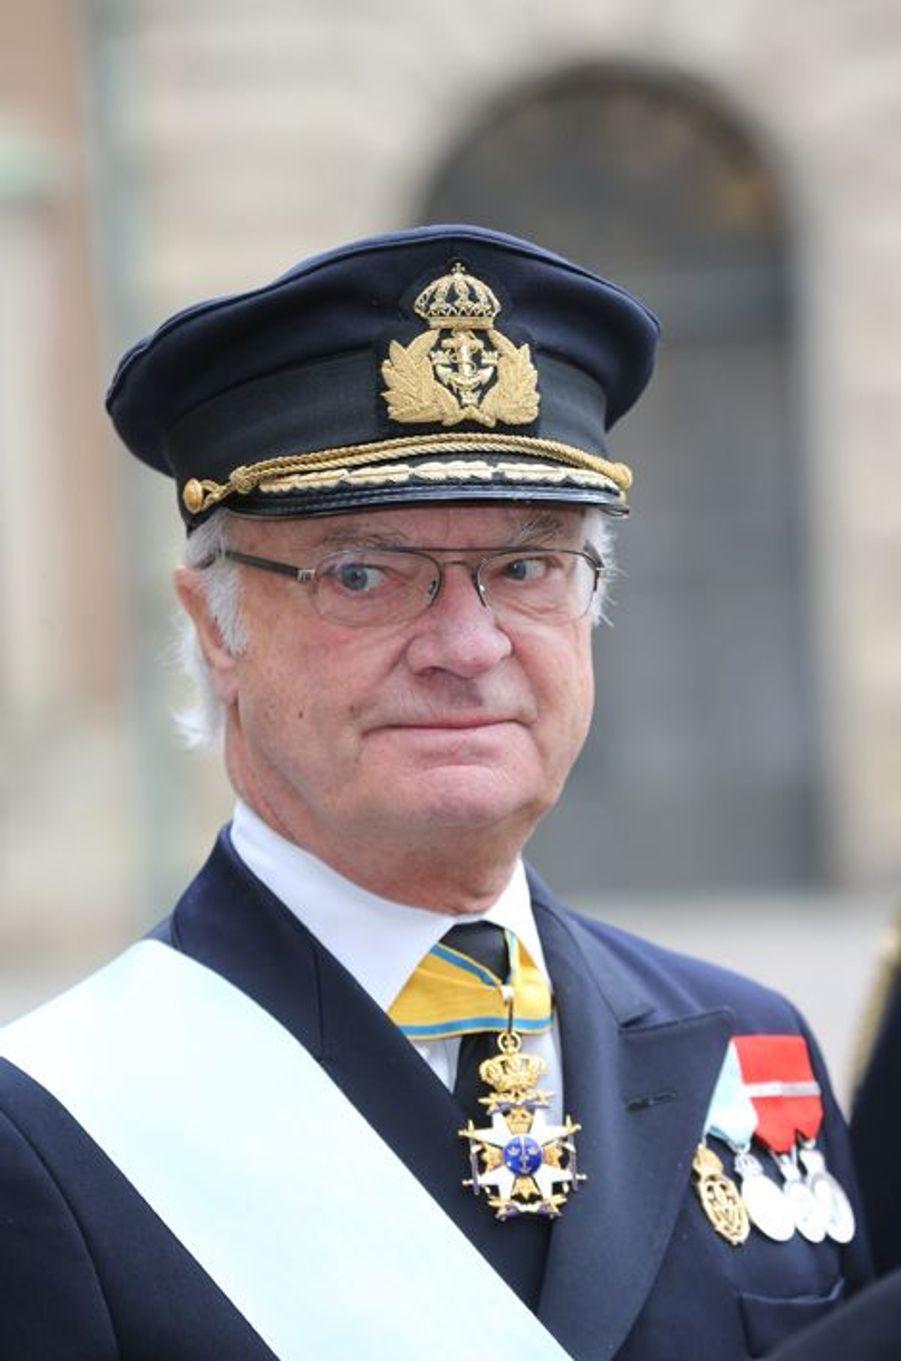 Le roi Carl XVI Gustaf de Suède à Stockholm, le 4 novembre 2015